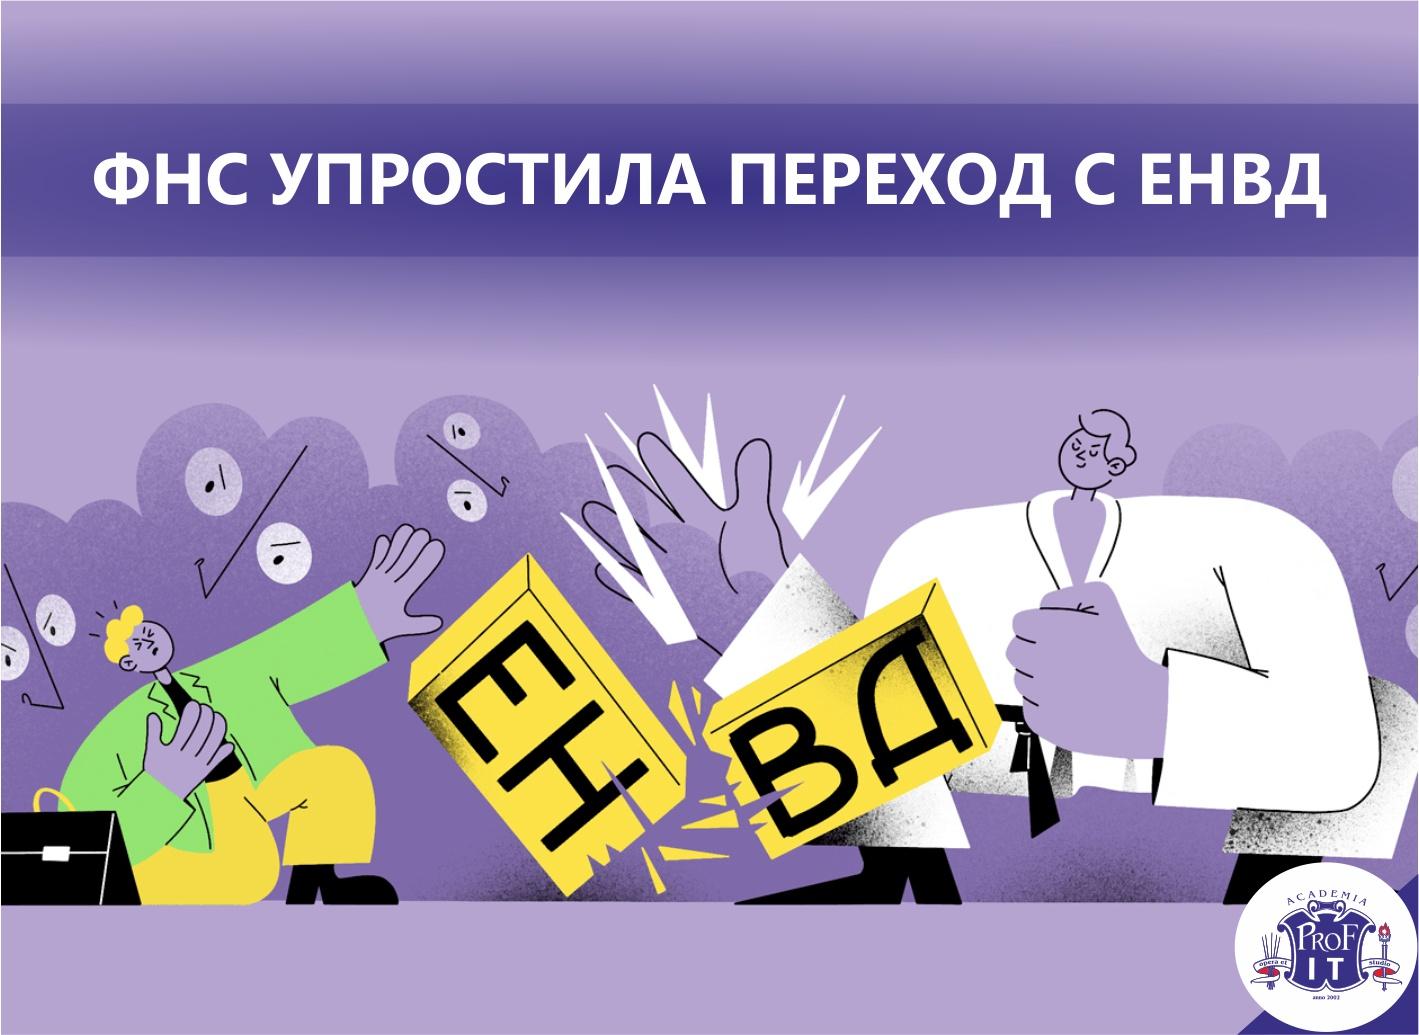 ФНС упростила переход с ЕНВД